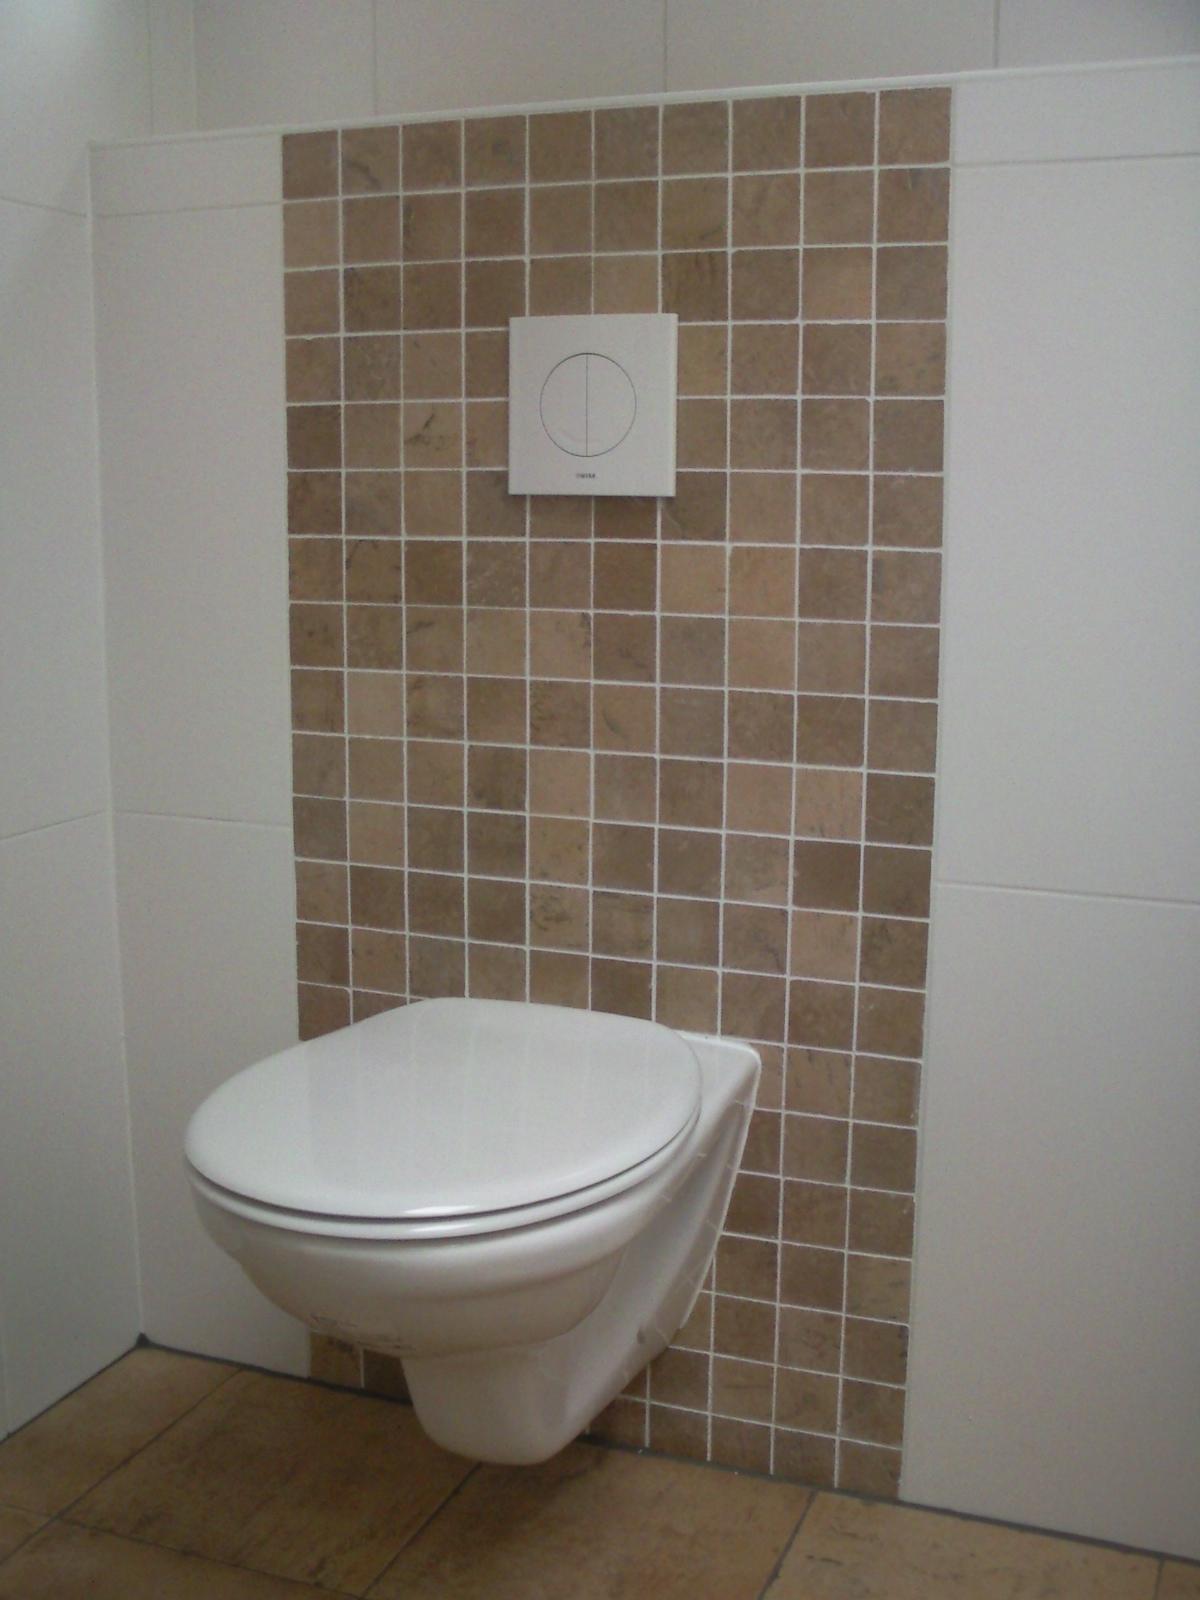 Toiletrenovatie van bergeijk professionele klussen groningen - Renovatie wc ...